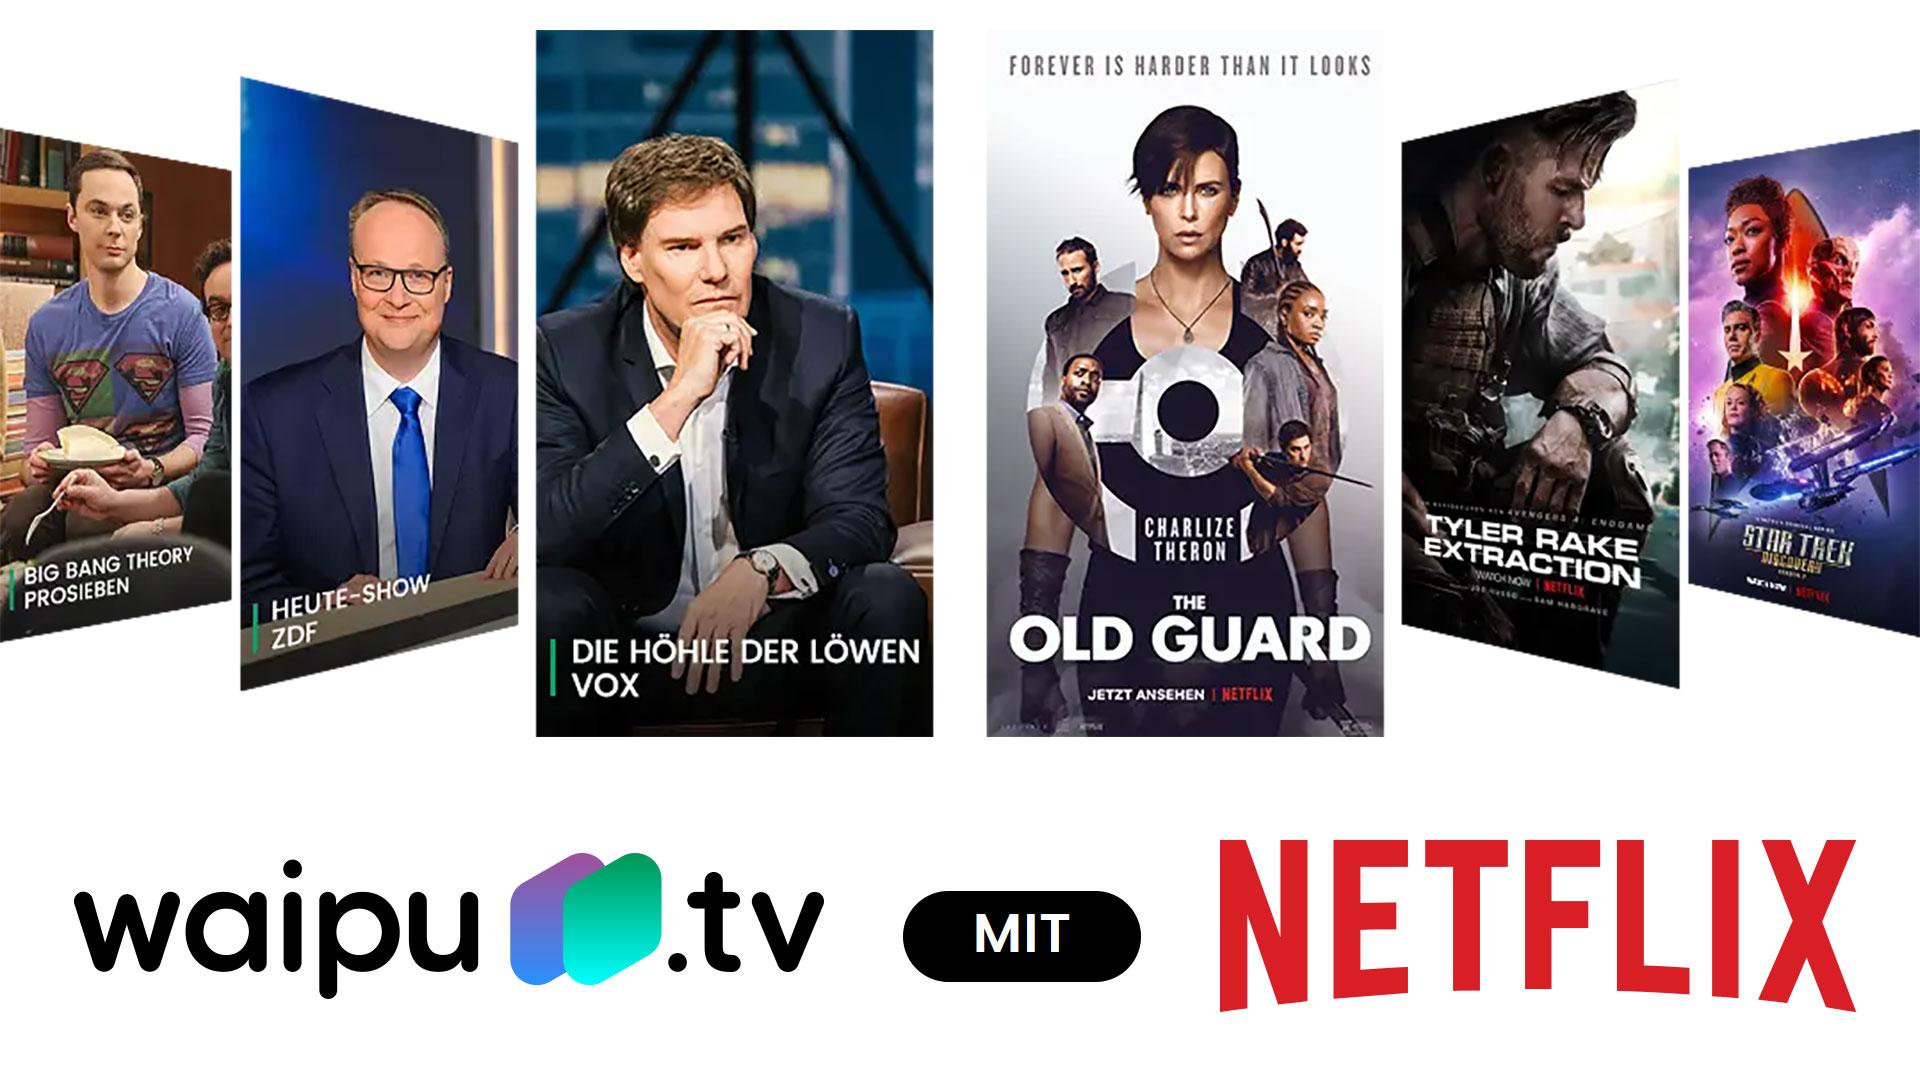 Waipu Netflix